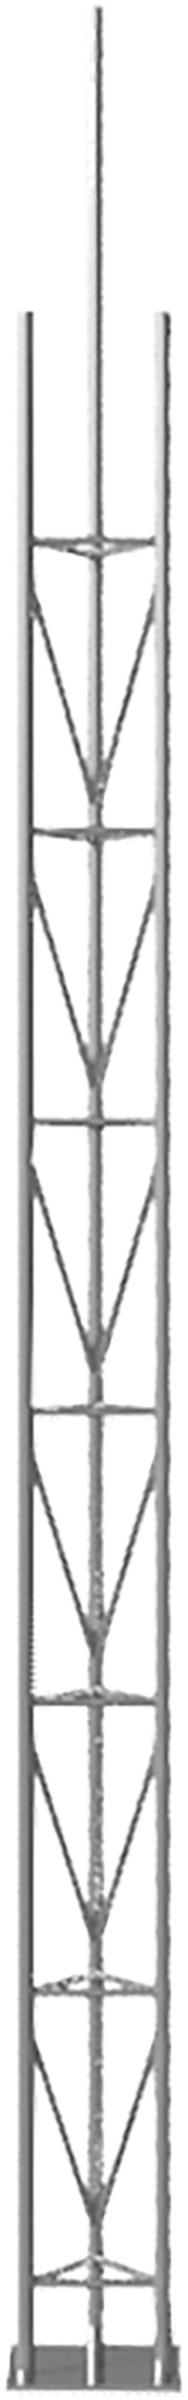 Schake Gitterrohrmast 6,15 m für Aufstellrahmen